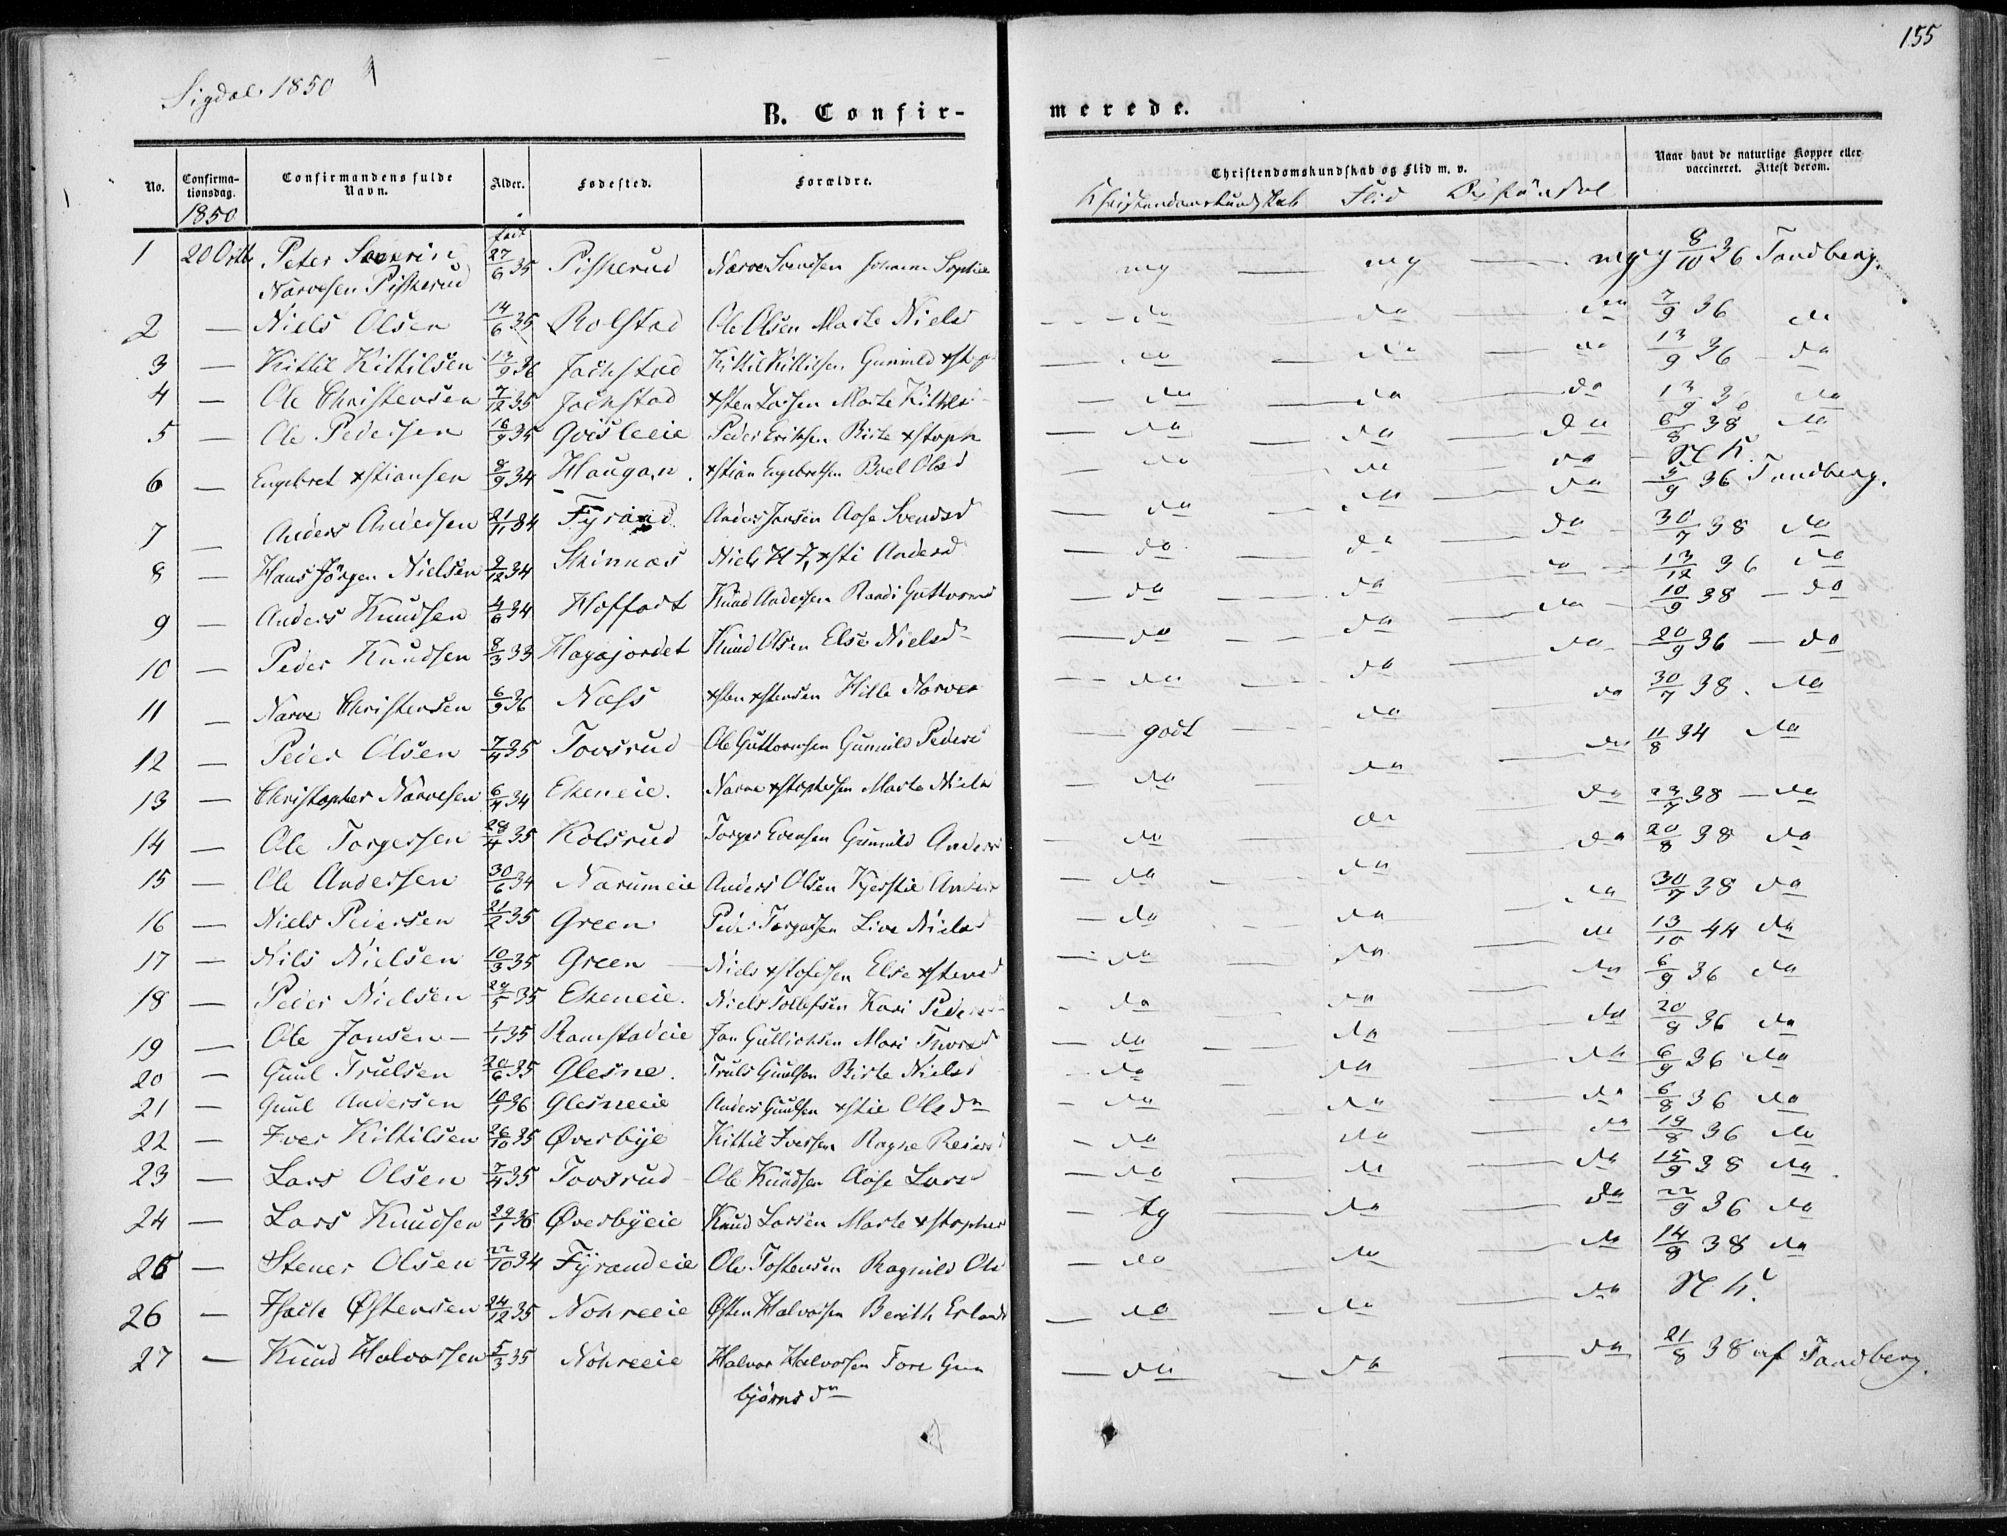 SAKO, Sigdal kirkebøker, F/Fa/L0008: Ministerialbok nr. I 8, 1850-1859, s. 155